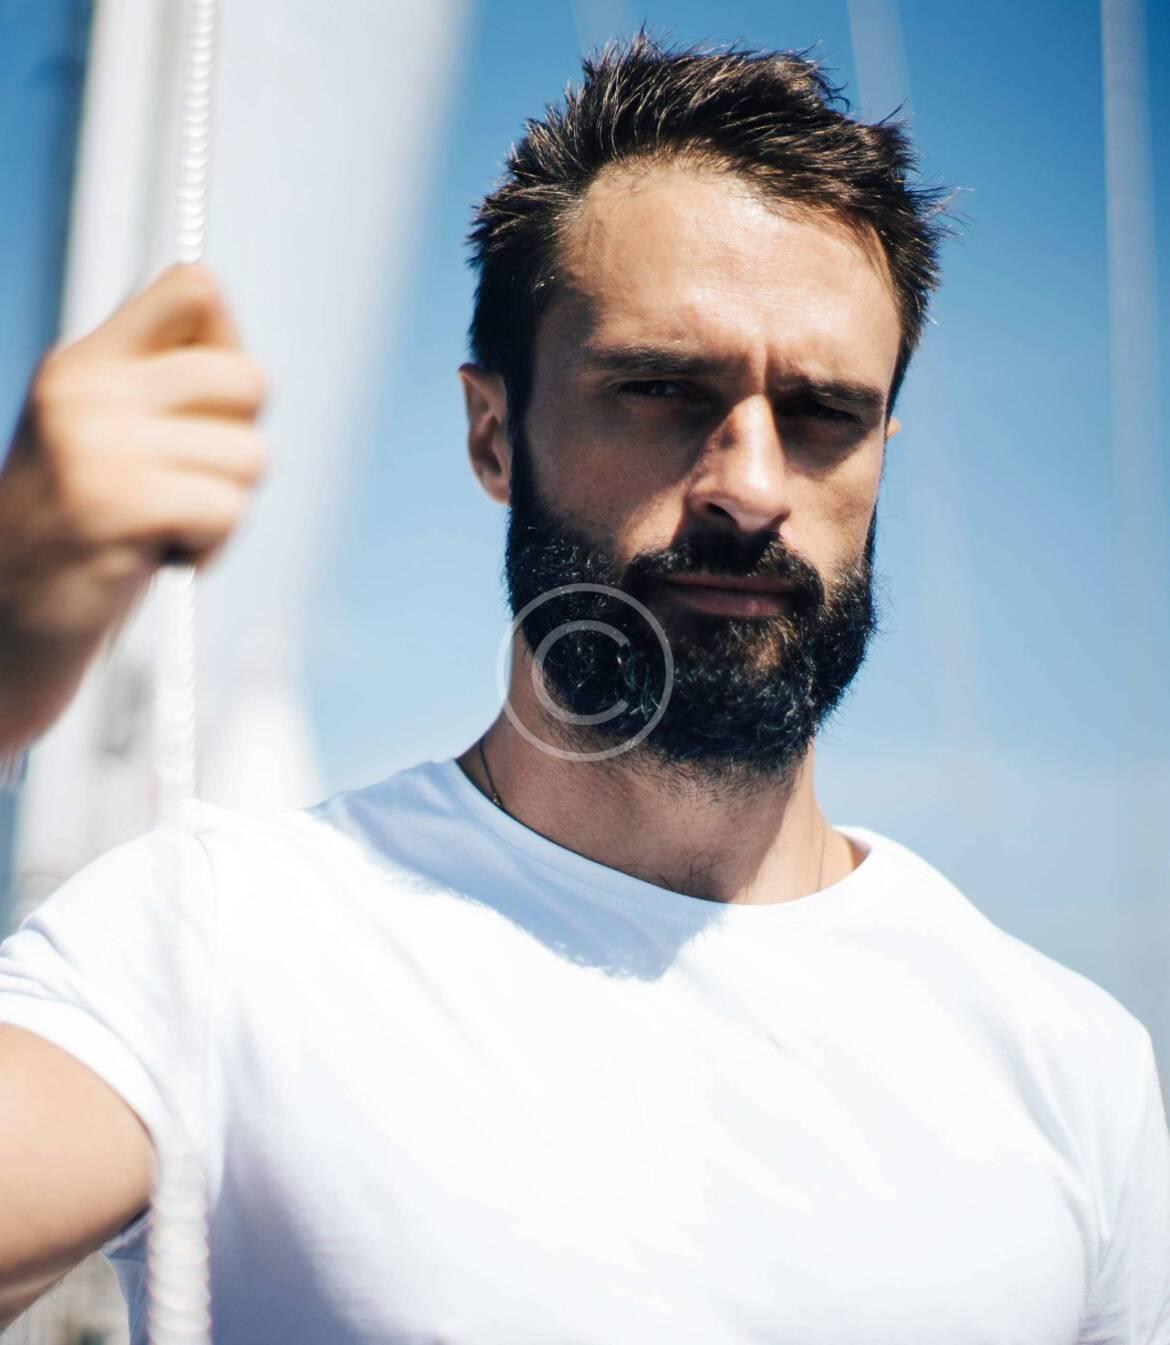 sailor_in_paris-scaled.jpg